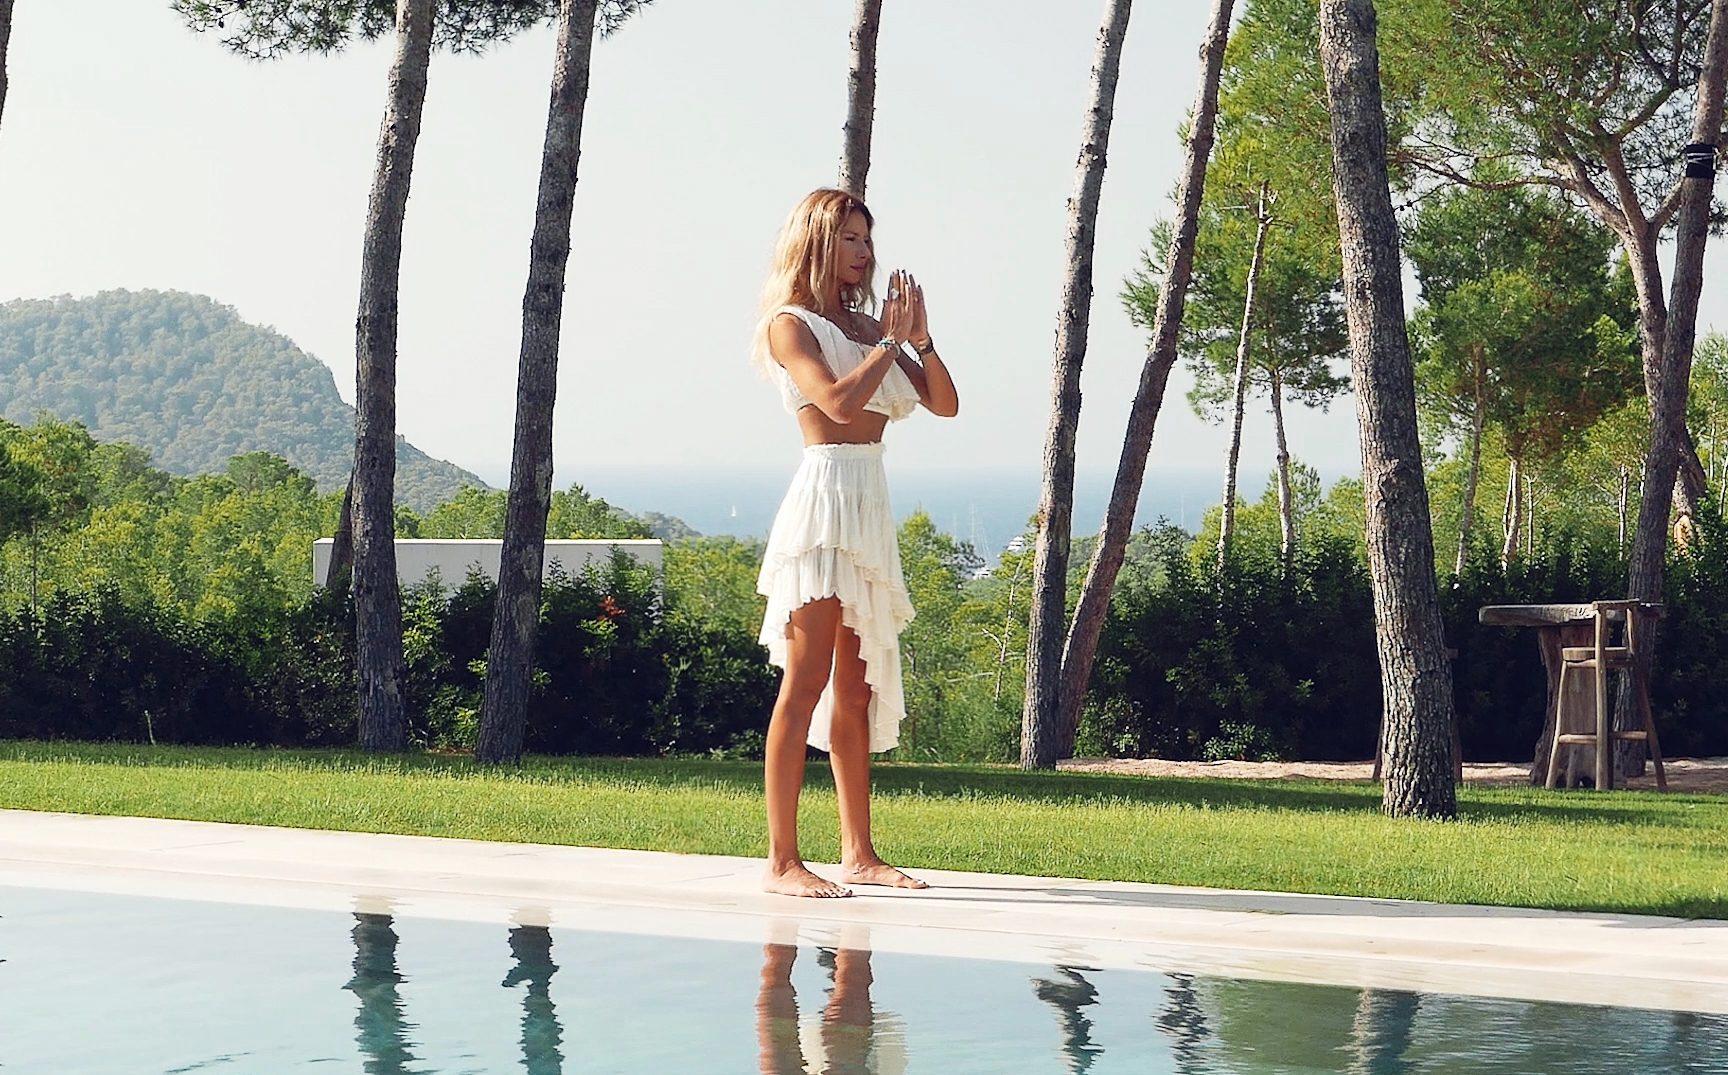 Начните день с «Приветствия солнцу», как это делает дизайнер ювелирных украшений Маруся Деркунская